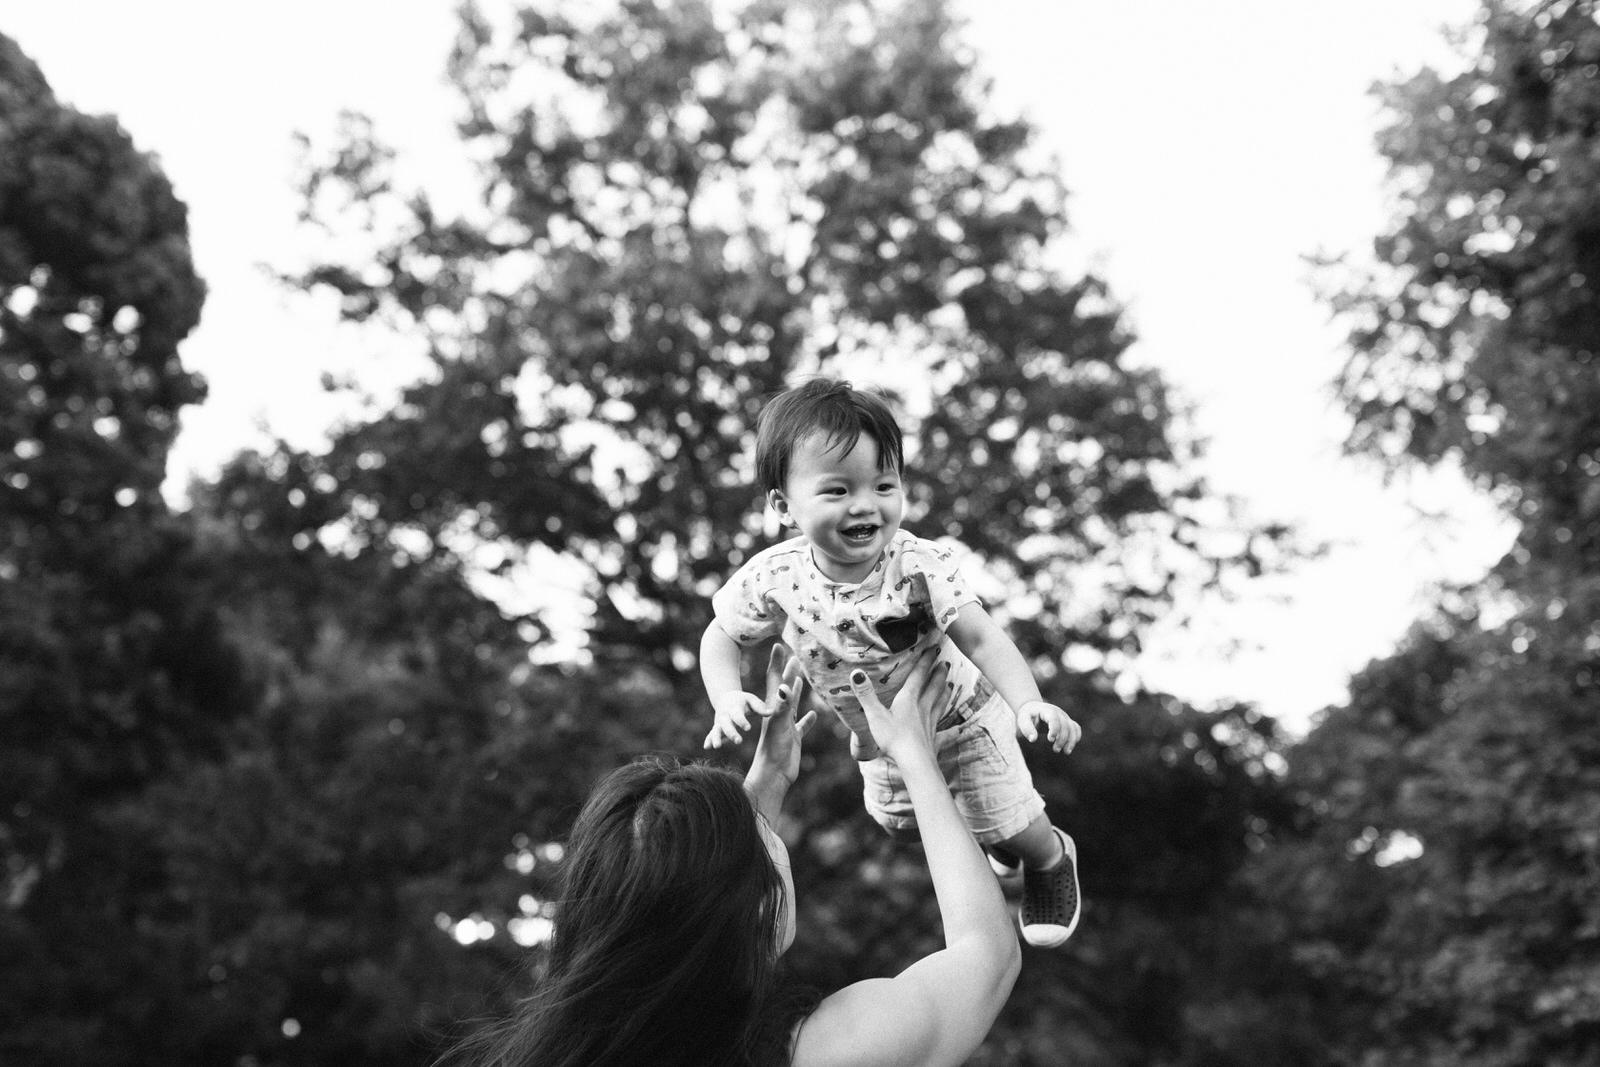 family-photography-brooklyn-ny-13.jpg